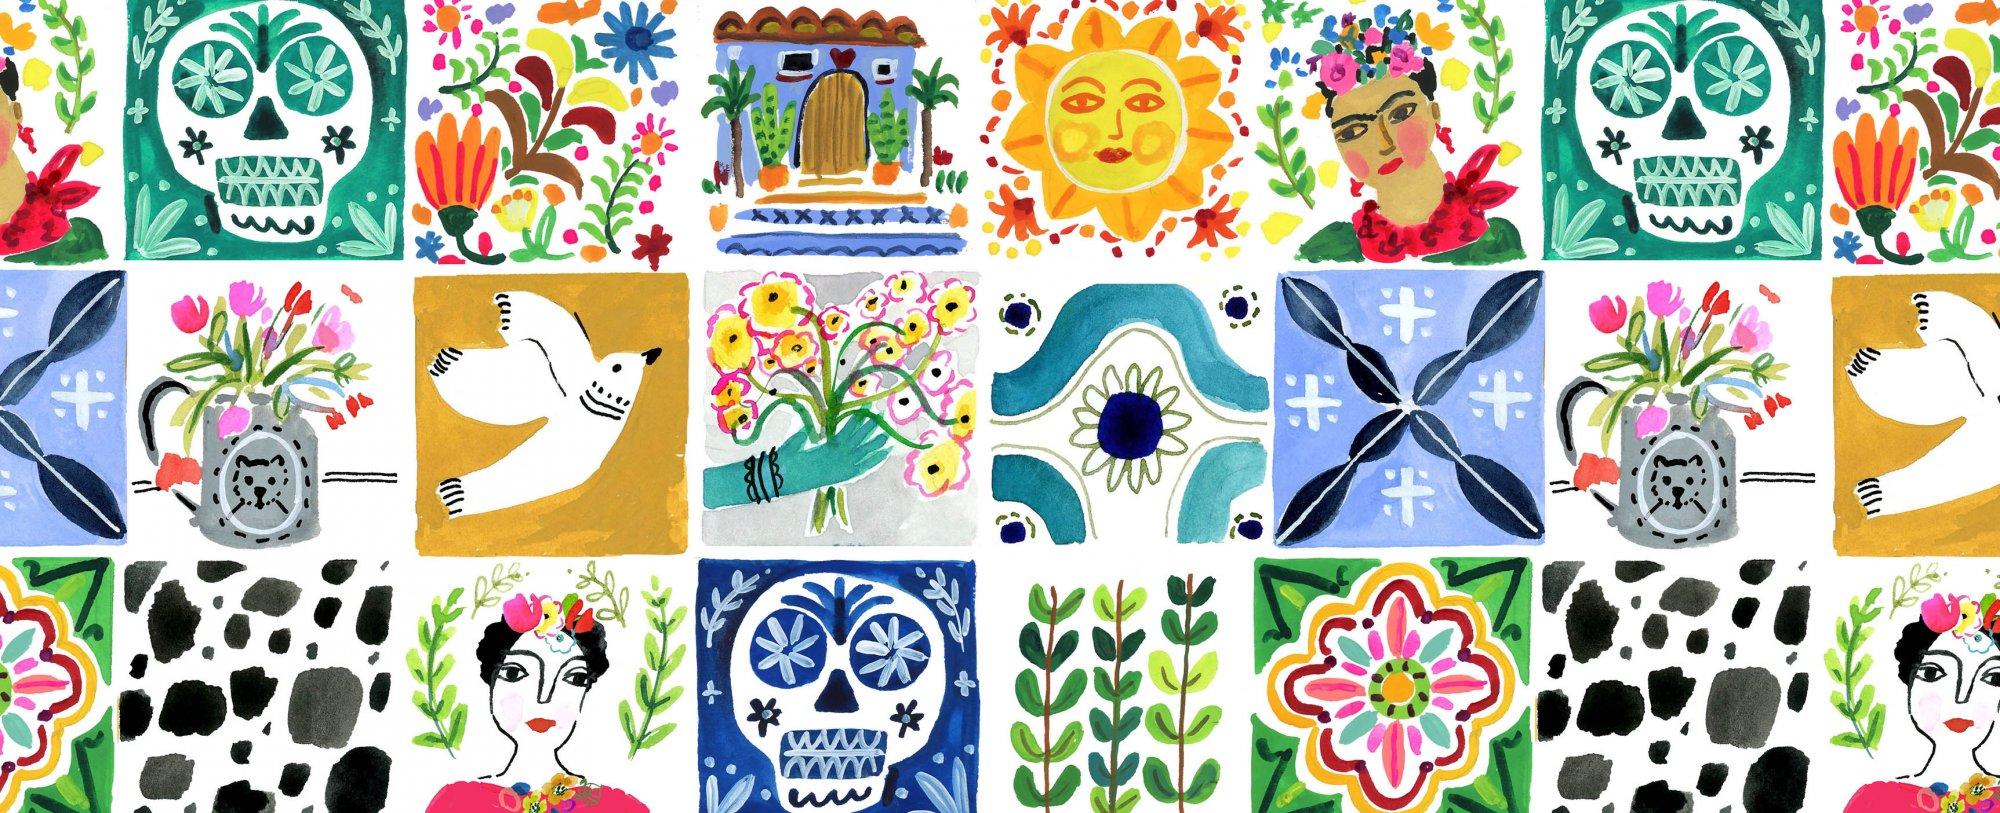 Viva Mexico Tiles White Fabric